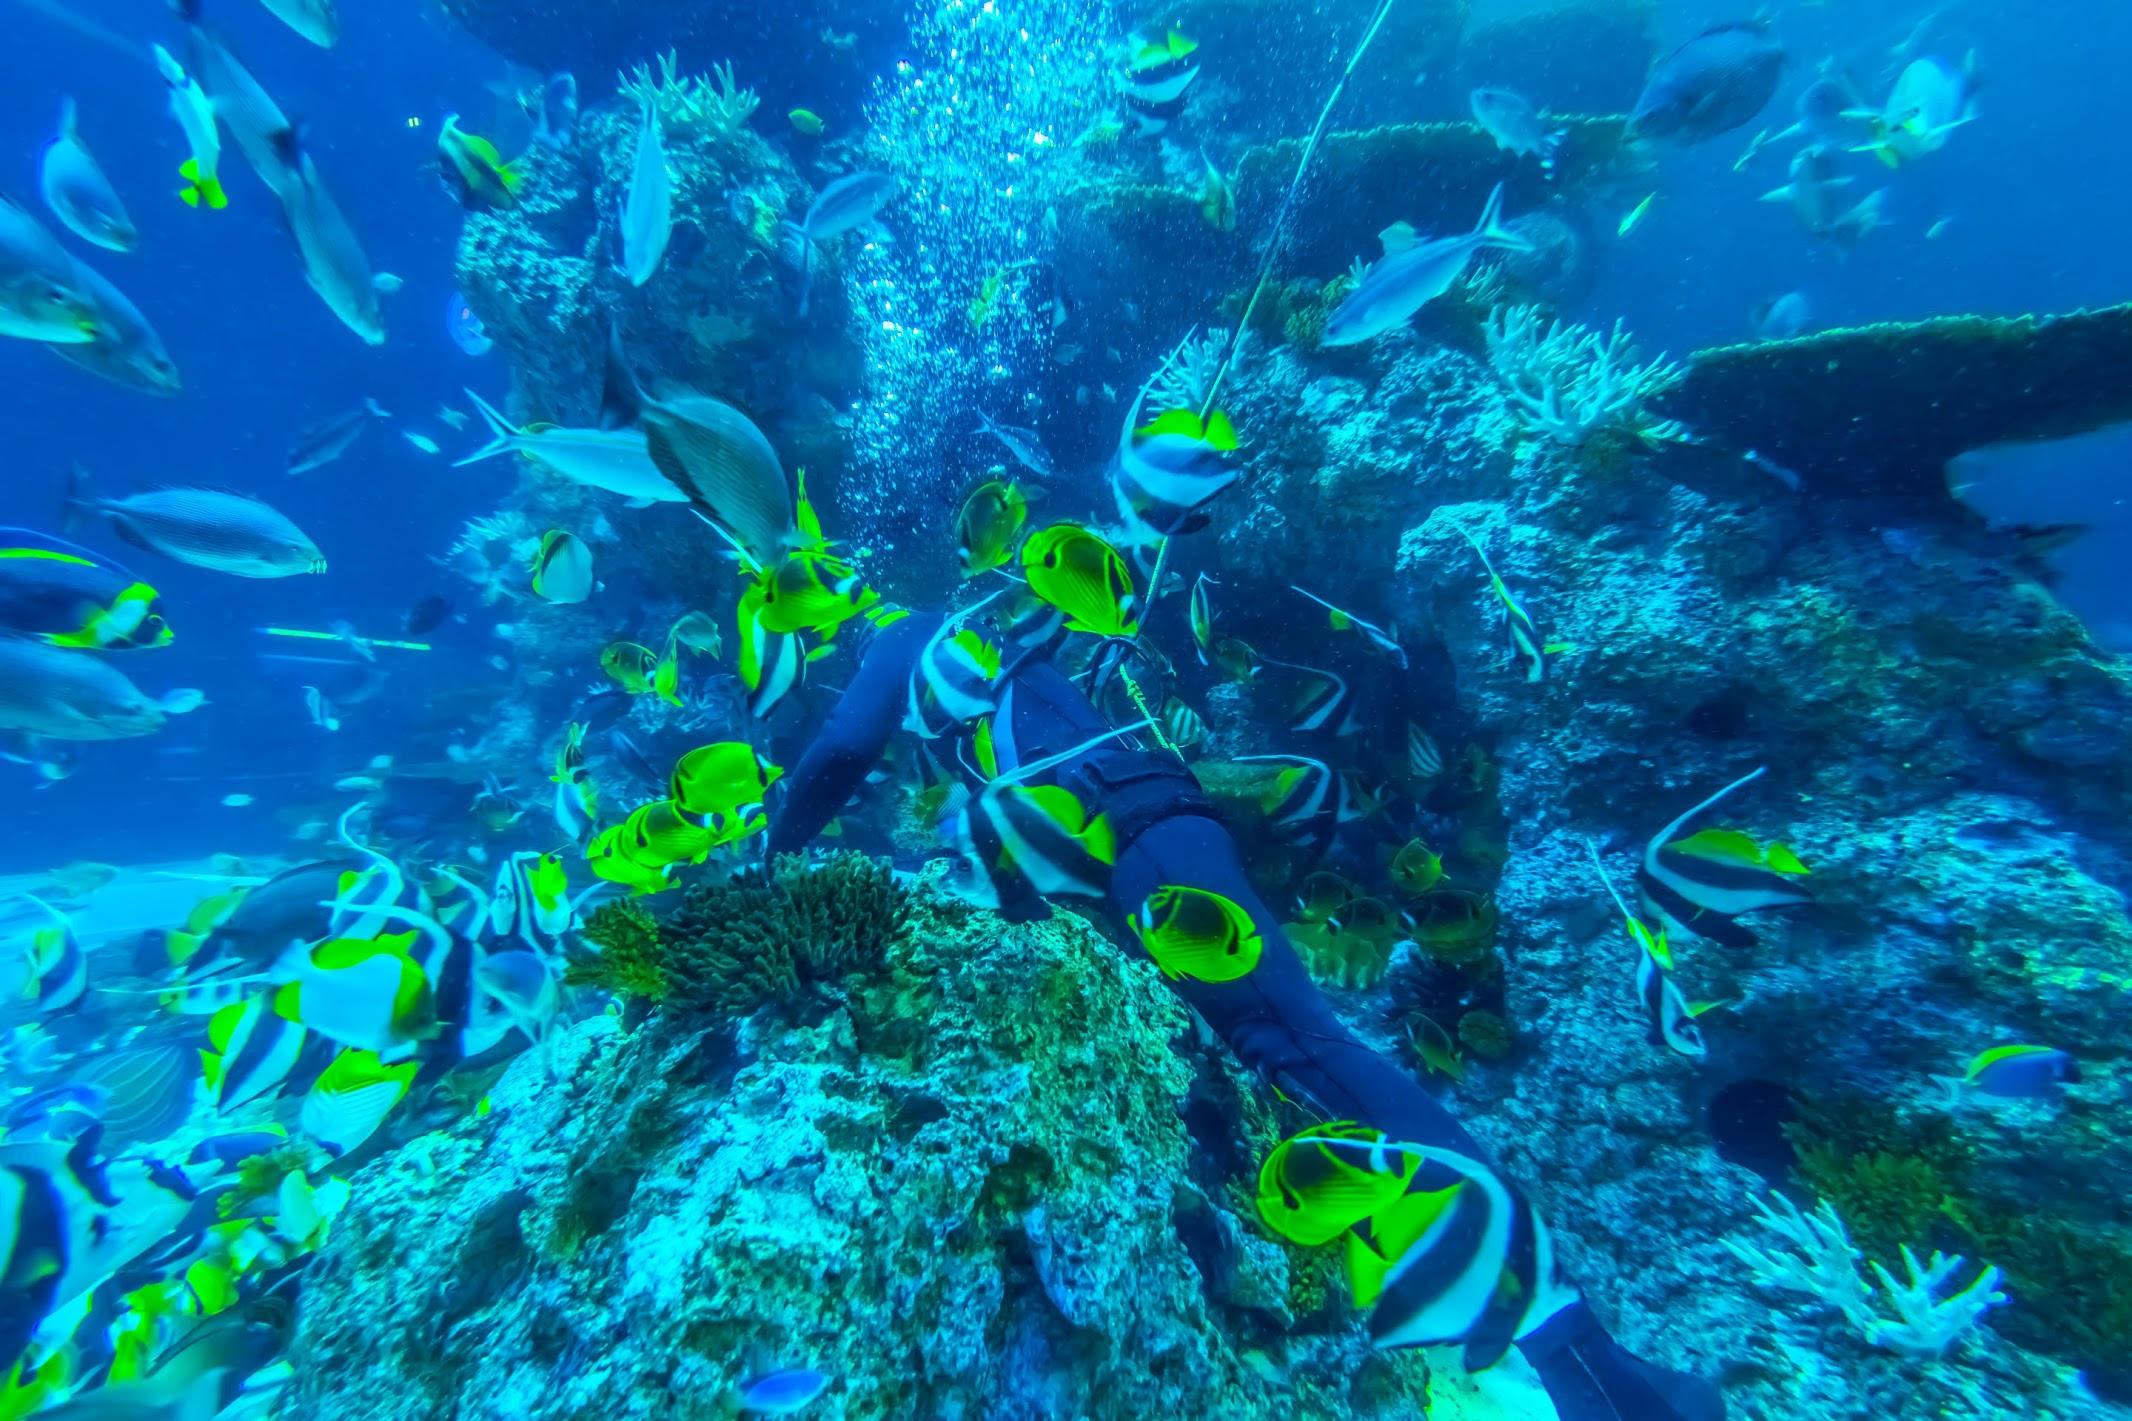 シンガポール セントーサ島 シー・アクアリウム Coral Garden2